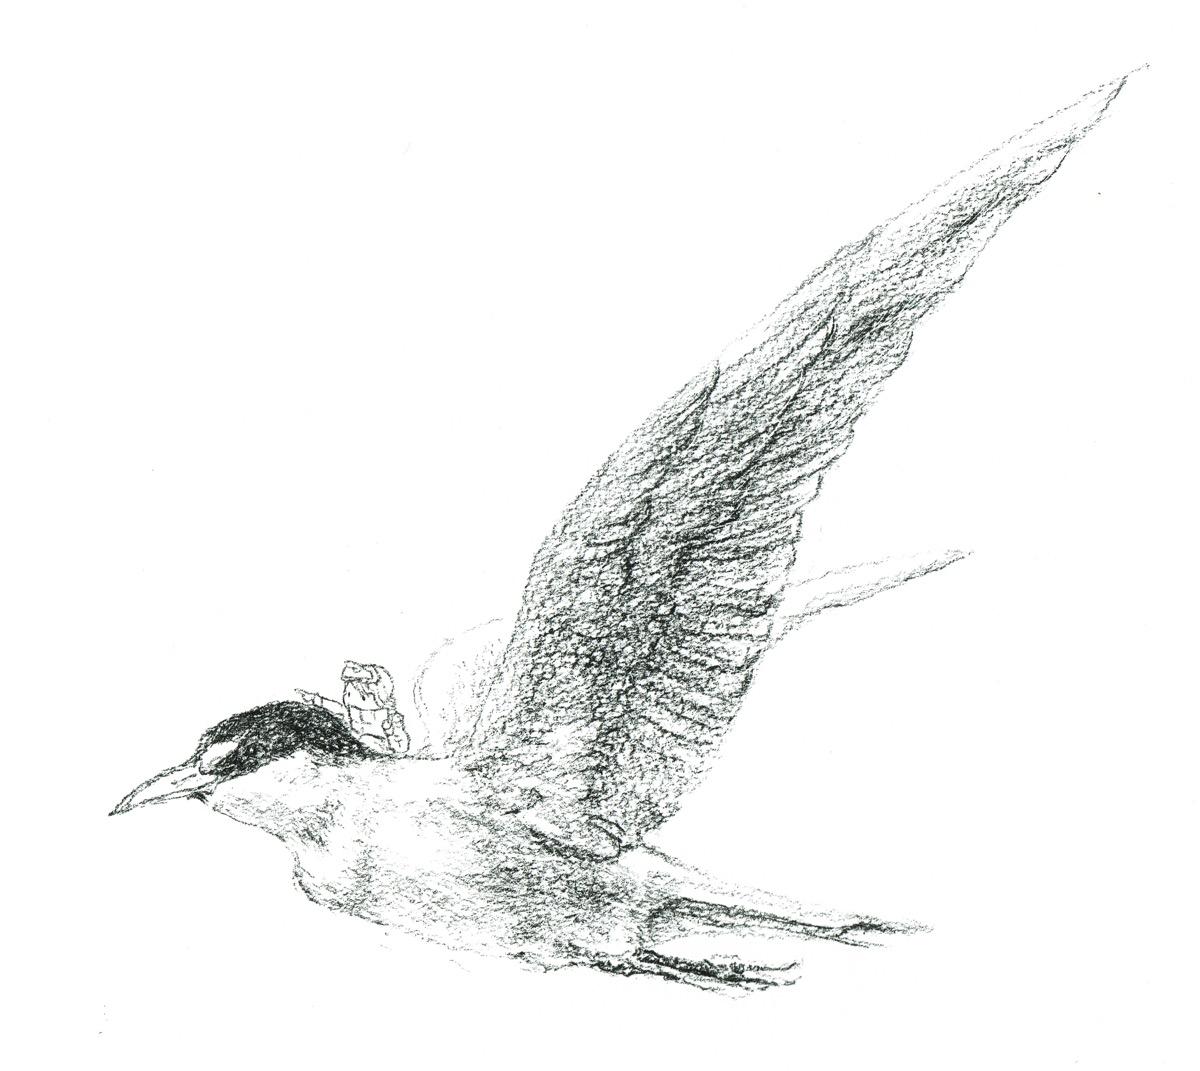 らくがき】鳥のらくがき3種 – interemit design